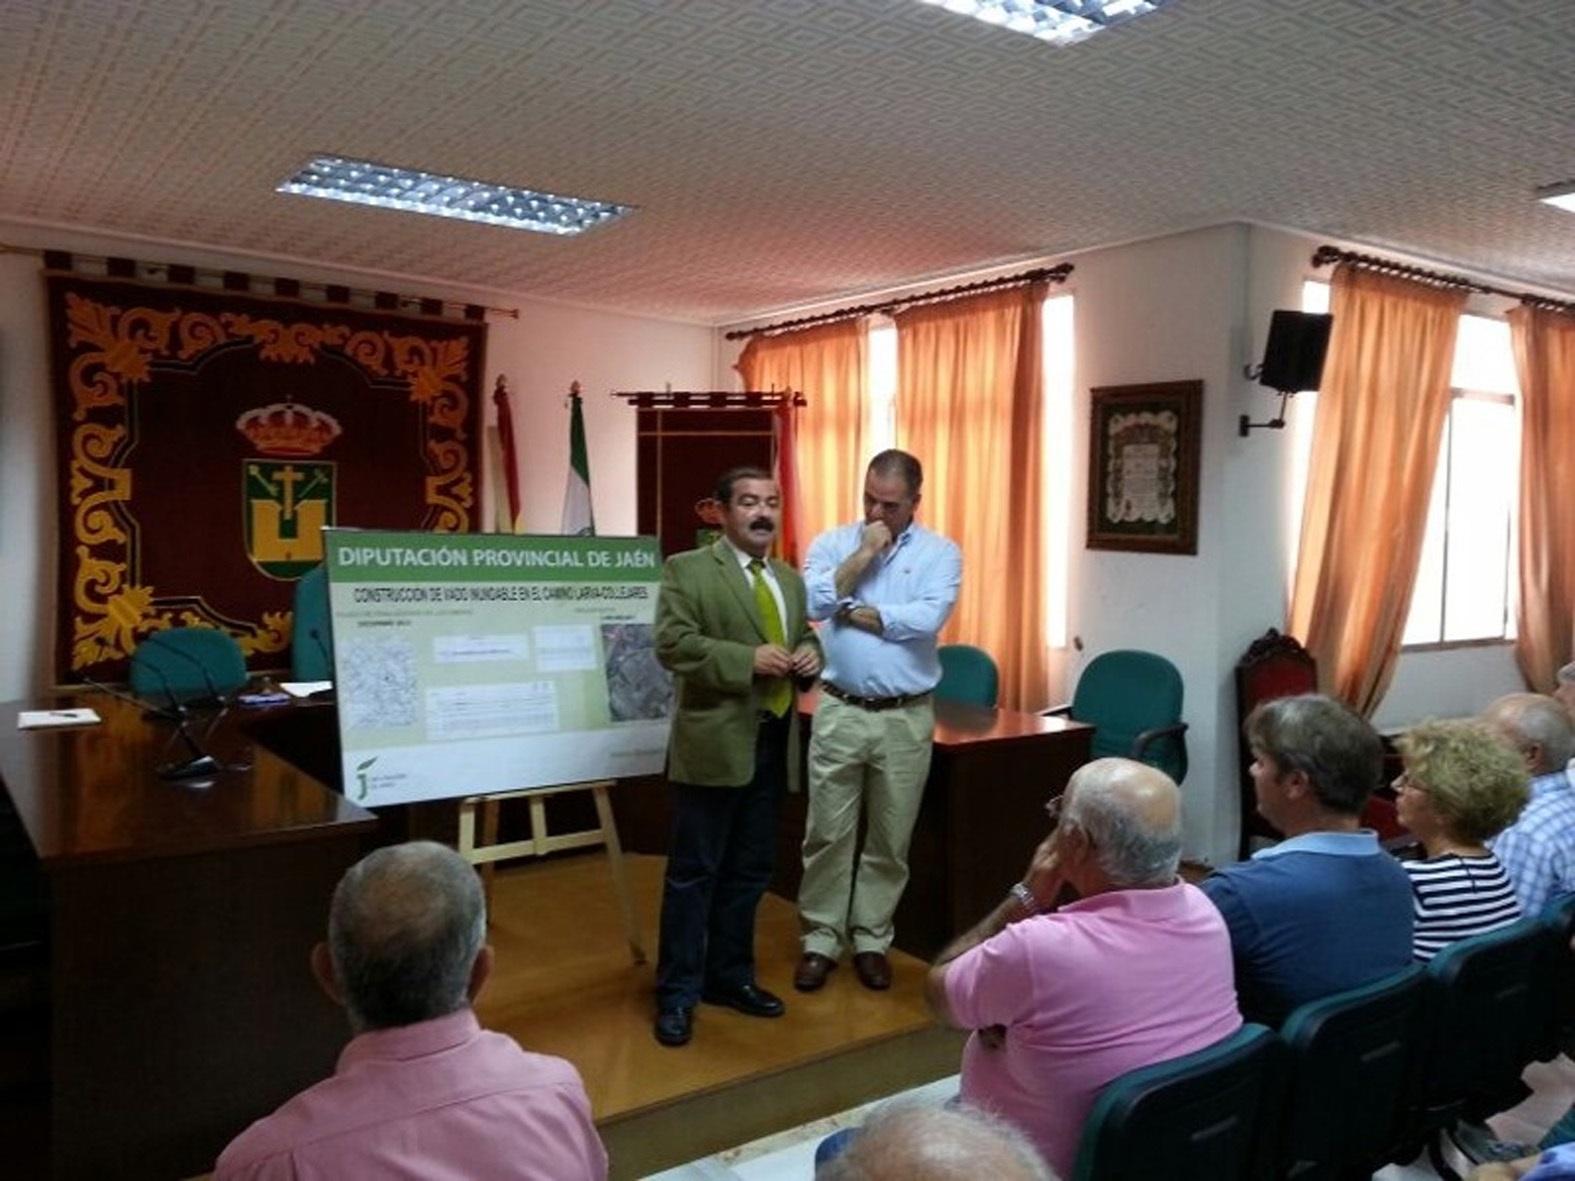 La Diputación construirá un vado inundable en Quesada para facilitar el paso de vehículos sobre el Guadiana Menor